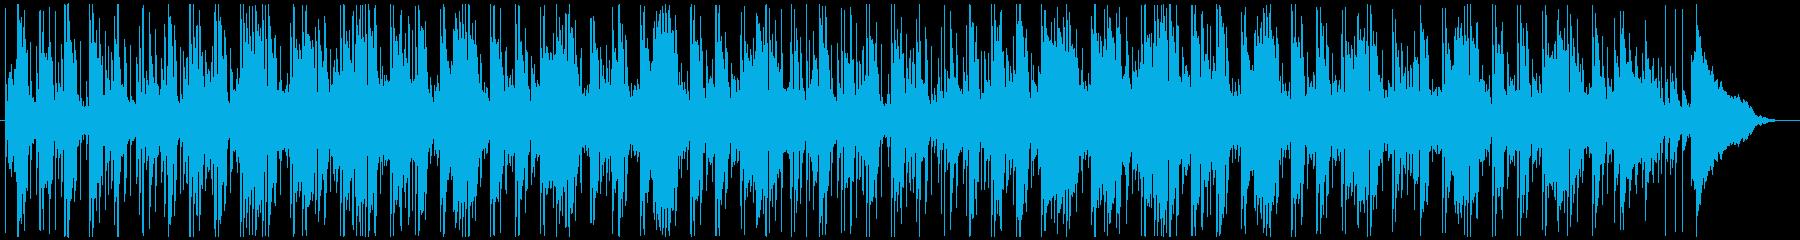 和風 京のおばんざい懐石 琴と尺八の再生済みの波形